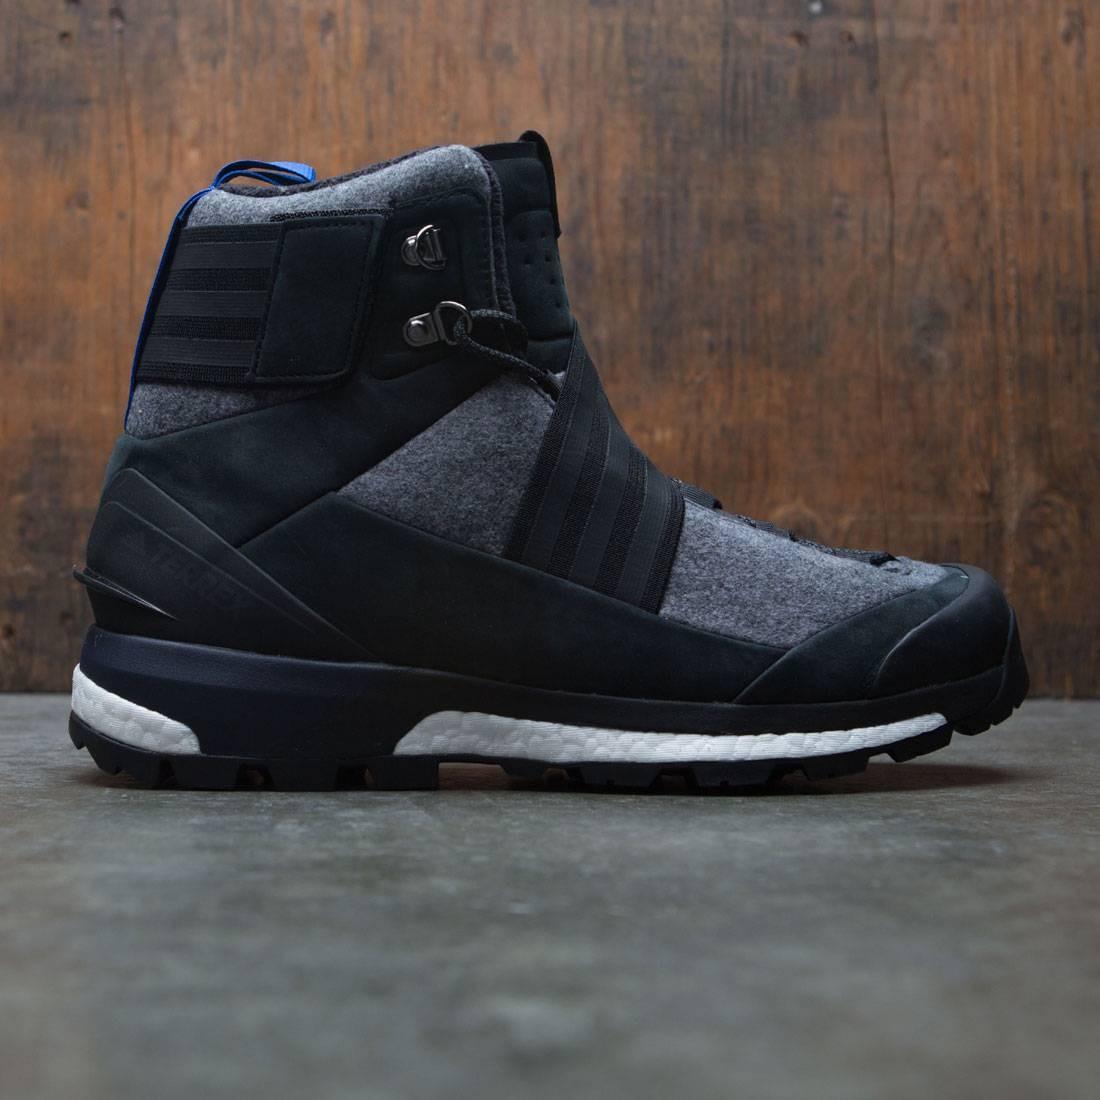 【海外限定】アディダス コア スニーカー メンズ靴 【 ADIDAS CONSORTIUM X XHIBITION MEN TERREX TRACEFINDER BLACK CORE 】